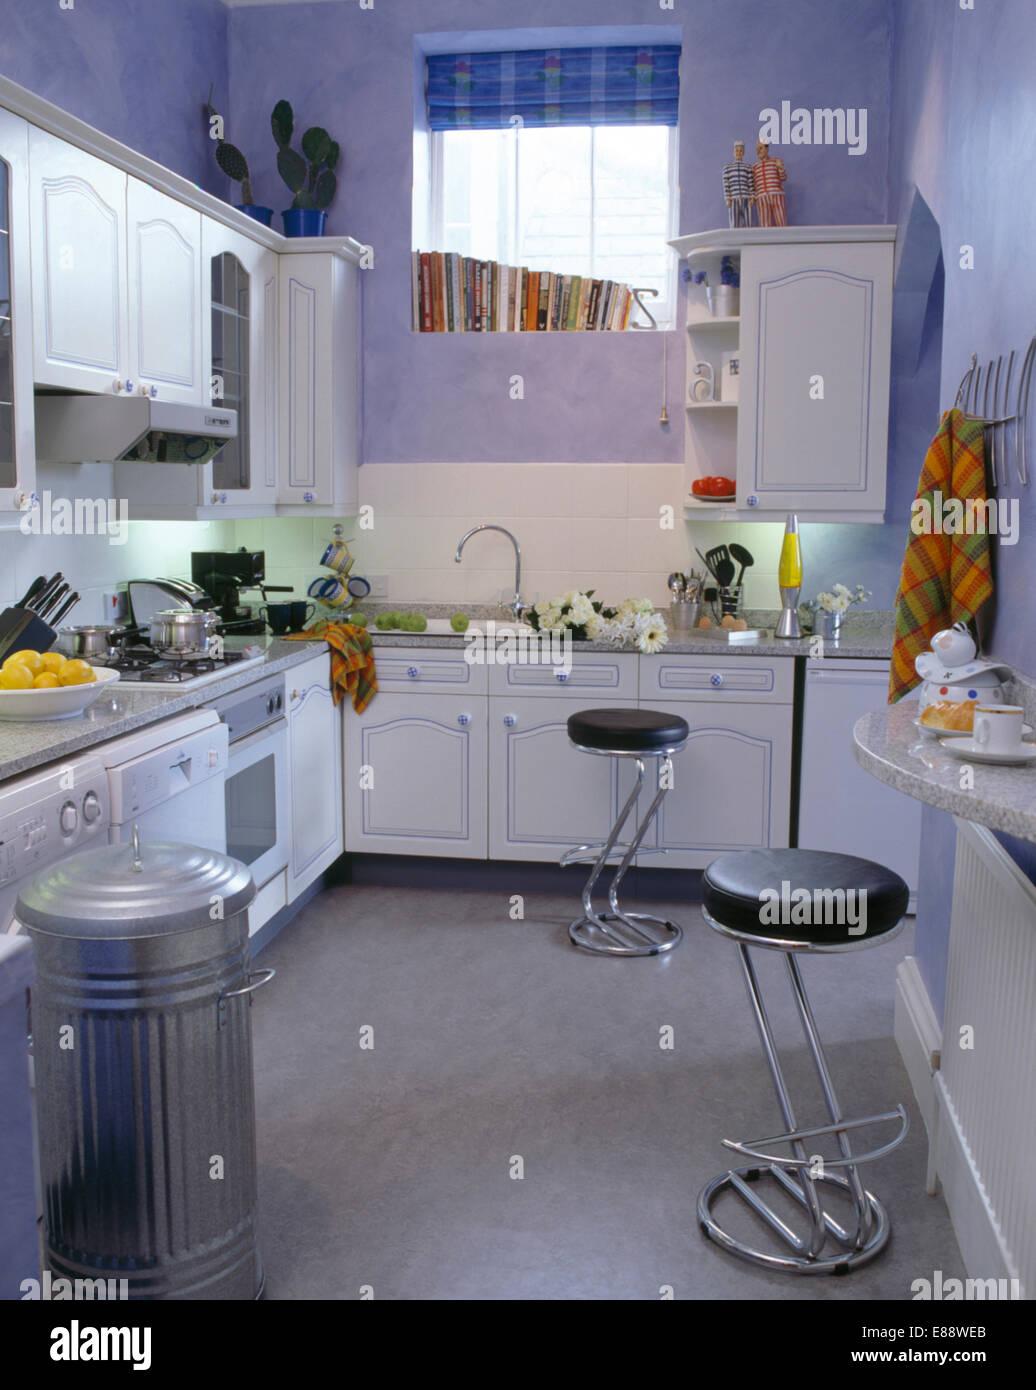 Chrom + Leder Hocker in Mauve Küche mit großen Metall-Abfallbehälter ...